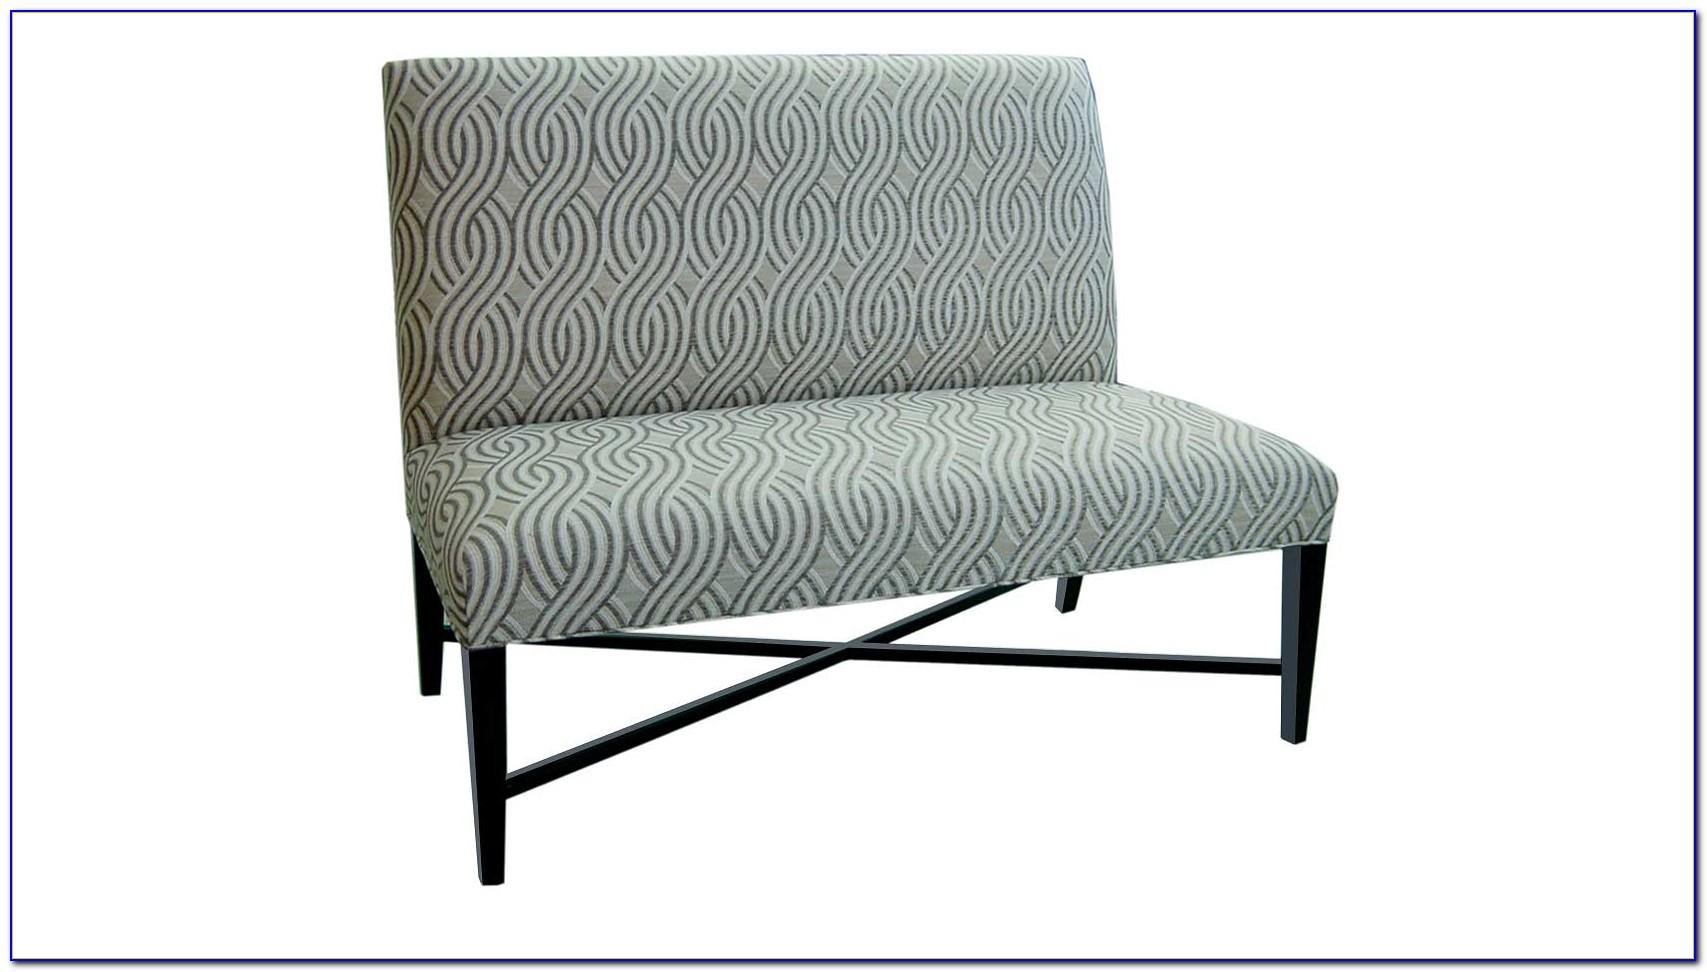 Diy Upholstered High Back Bench